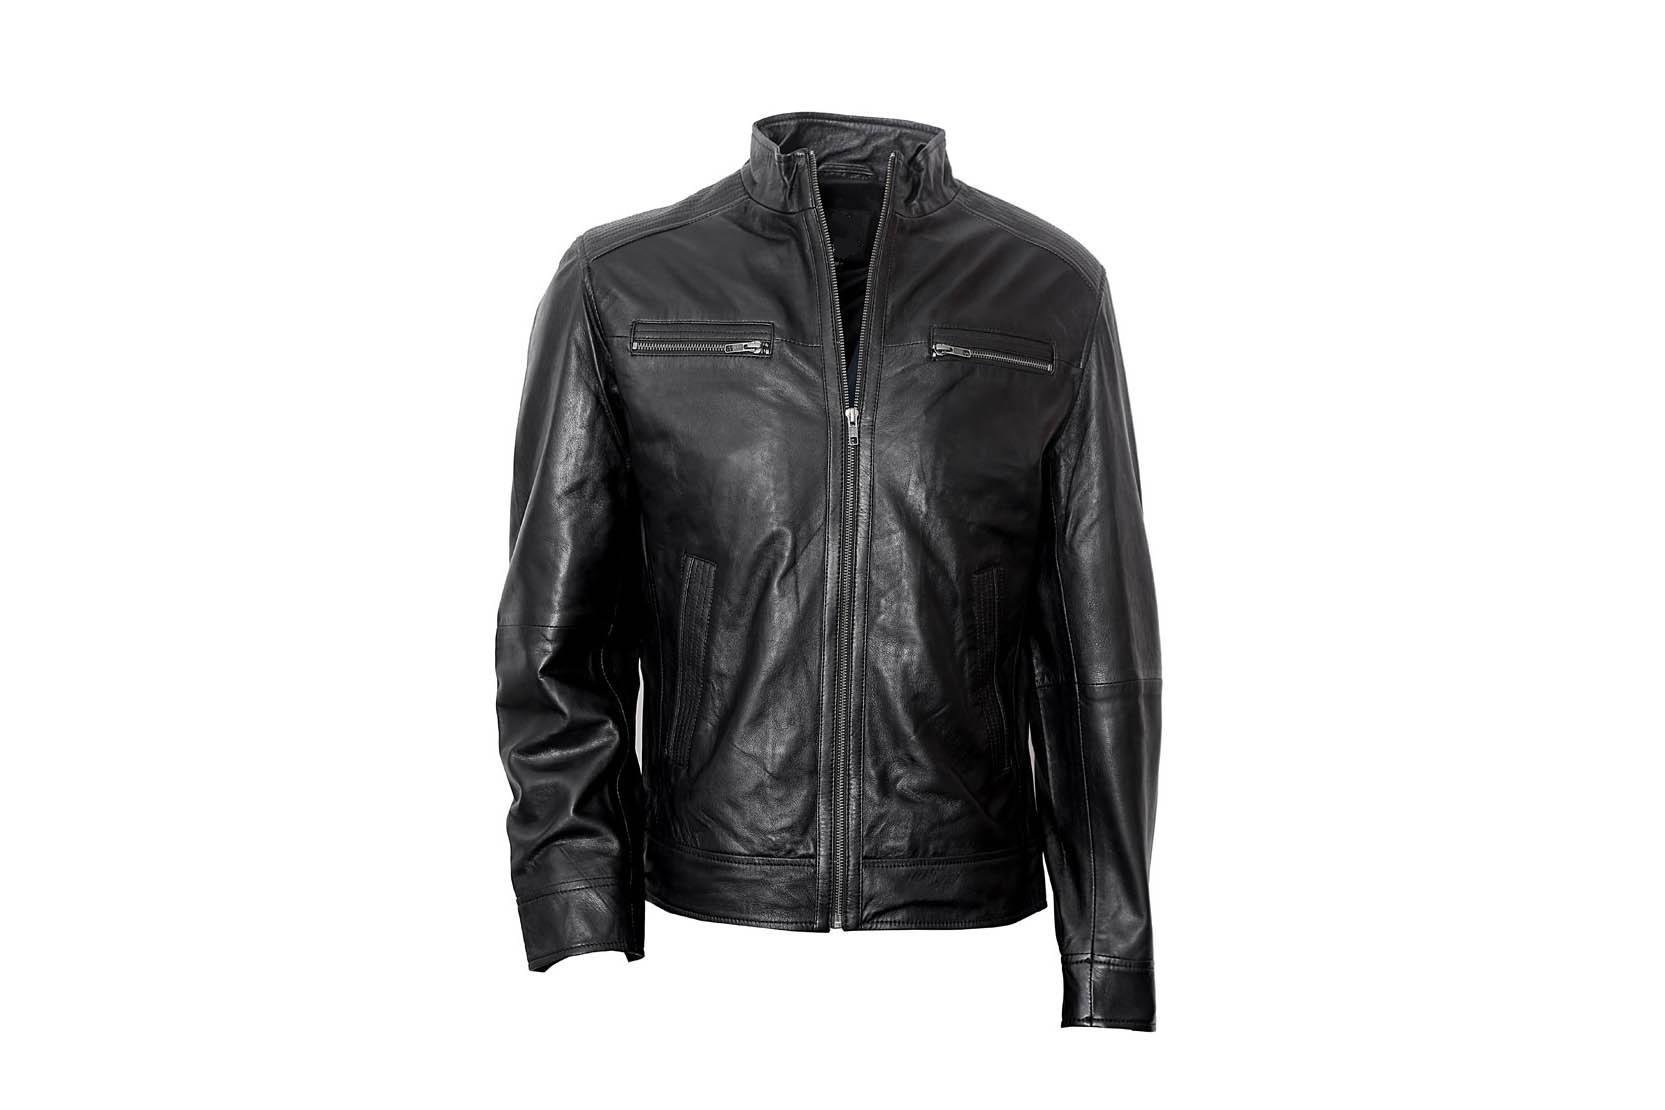 1dcef074b Handmade men's bomber leather jacket, Mens leather jackets, Men biker  jackets